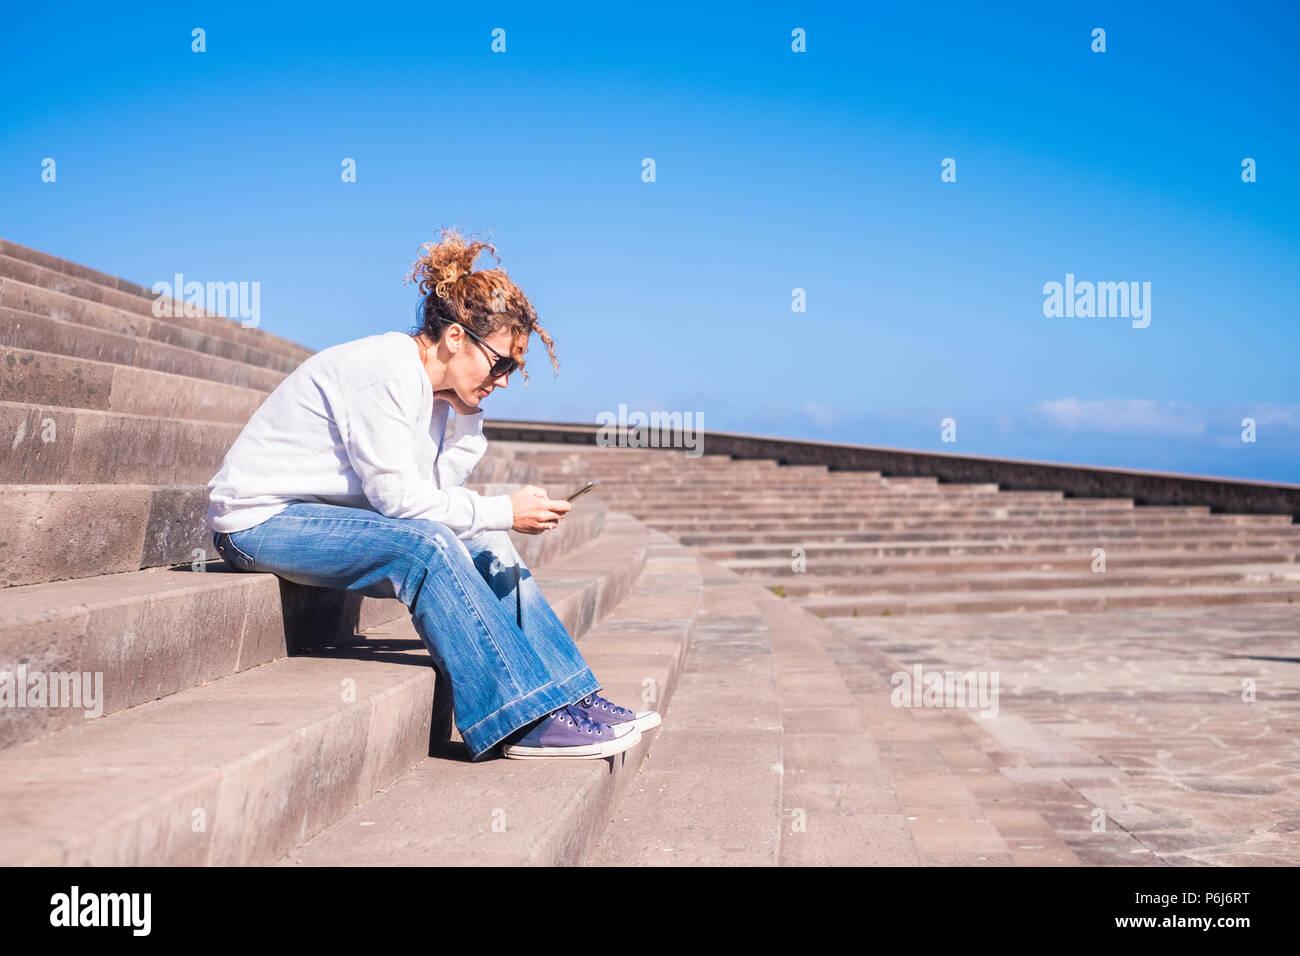 Seul moyen-âge femme à travailler avec un smartphone assis sur une longue belle Joly en milieu urbain concours. les loisirs avec tehnology concept pour dame moderne Photo Stock